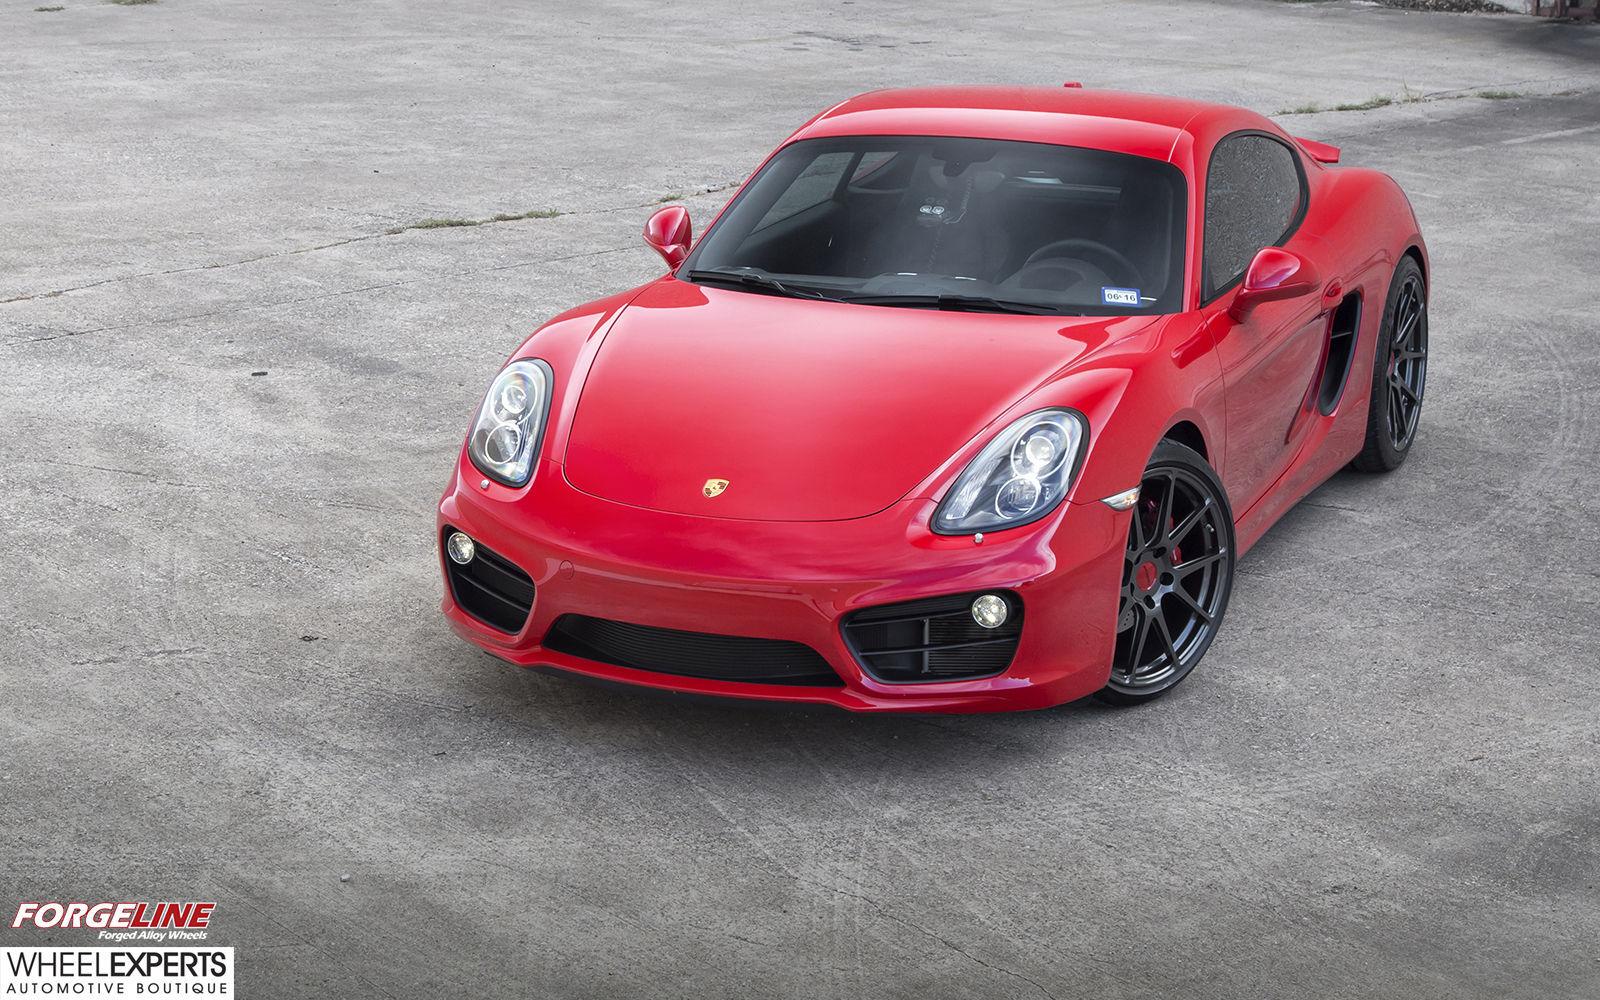 2014 Porsche Cayman | Red Porsche Cayman S on Forgeline One Piece Forged Monoblock GA1R Wheels